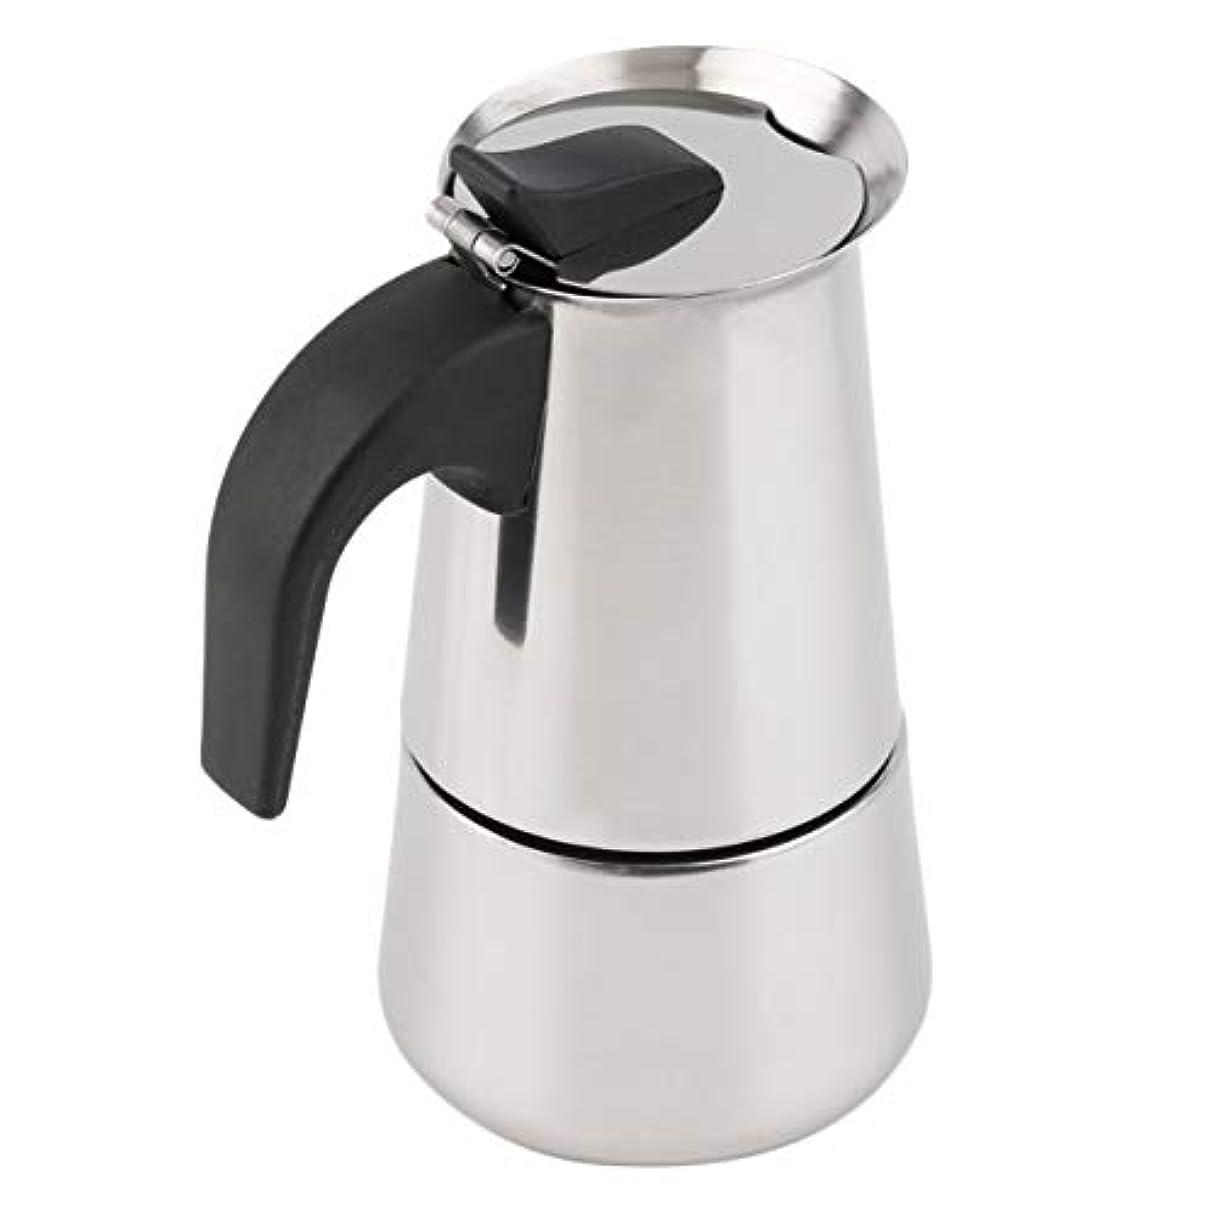 くしゃくしゃオーナメント統治するSaikogoods 2/4/6カップパーコレーターストーブトップのコーヒーメーカーモカエスプレッソラテステンレスポットホット販売 銀 6カップ